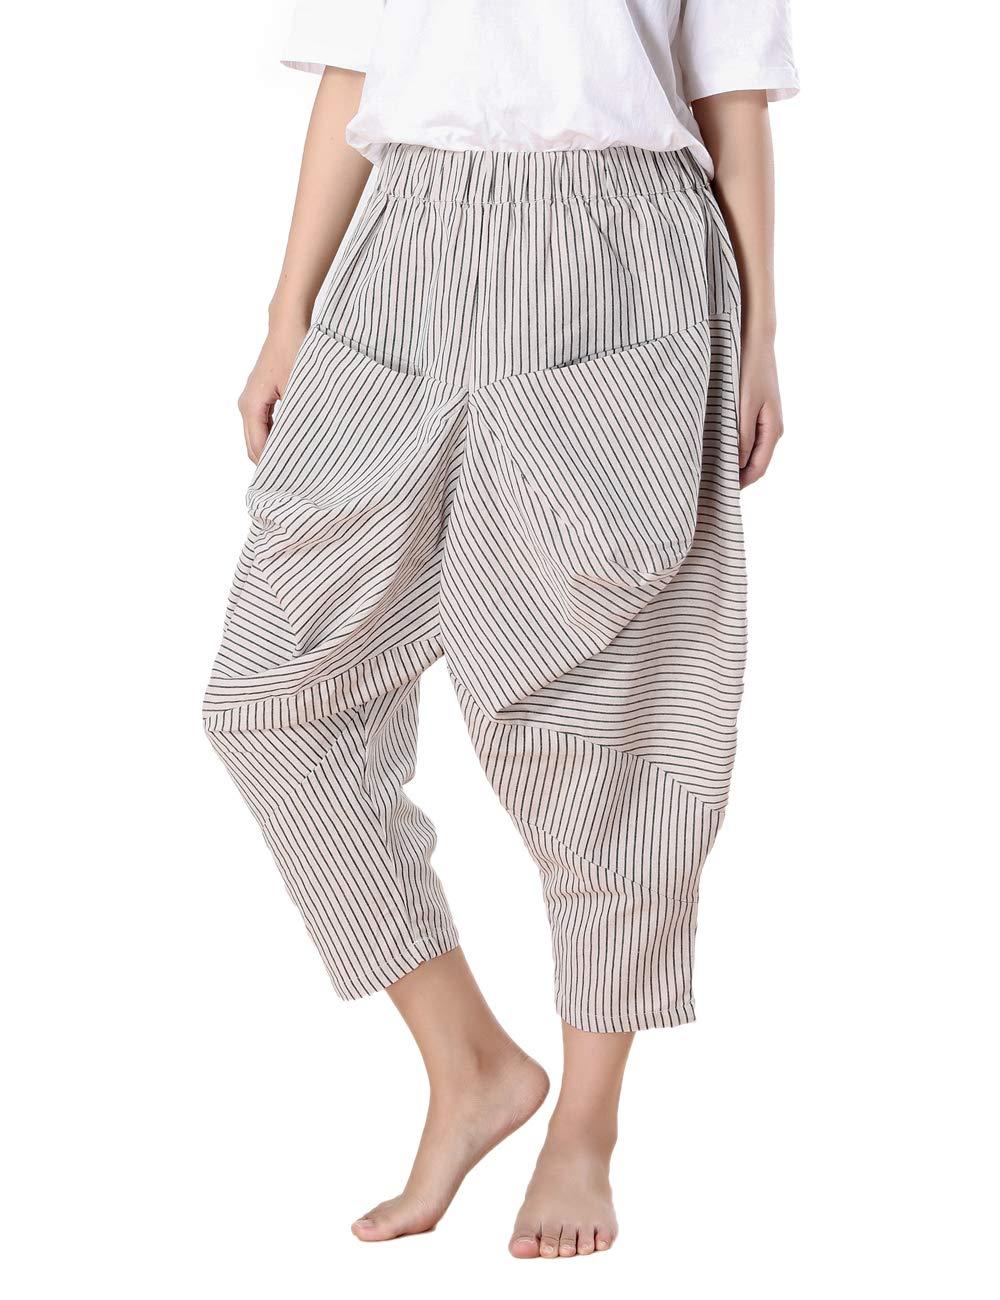 BUYKUD Summer Women Cotton Linen Casual Long Stripe Long Beige Pocket Pants